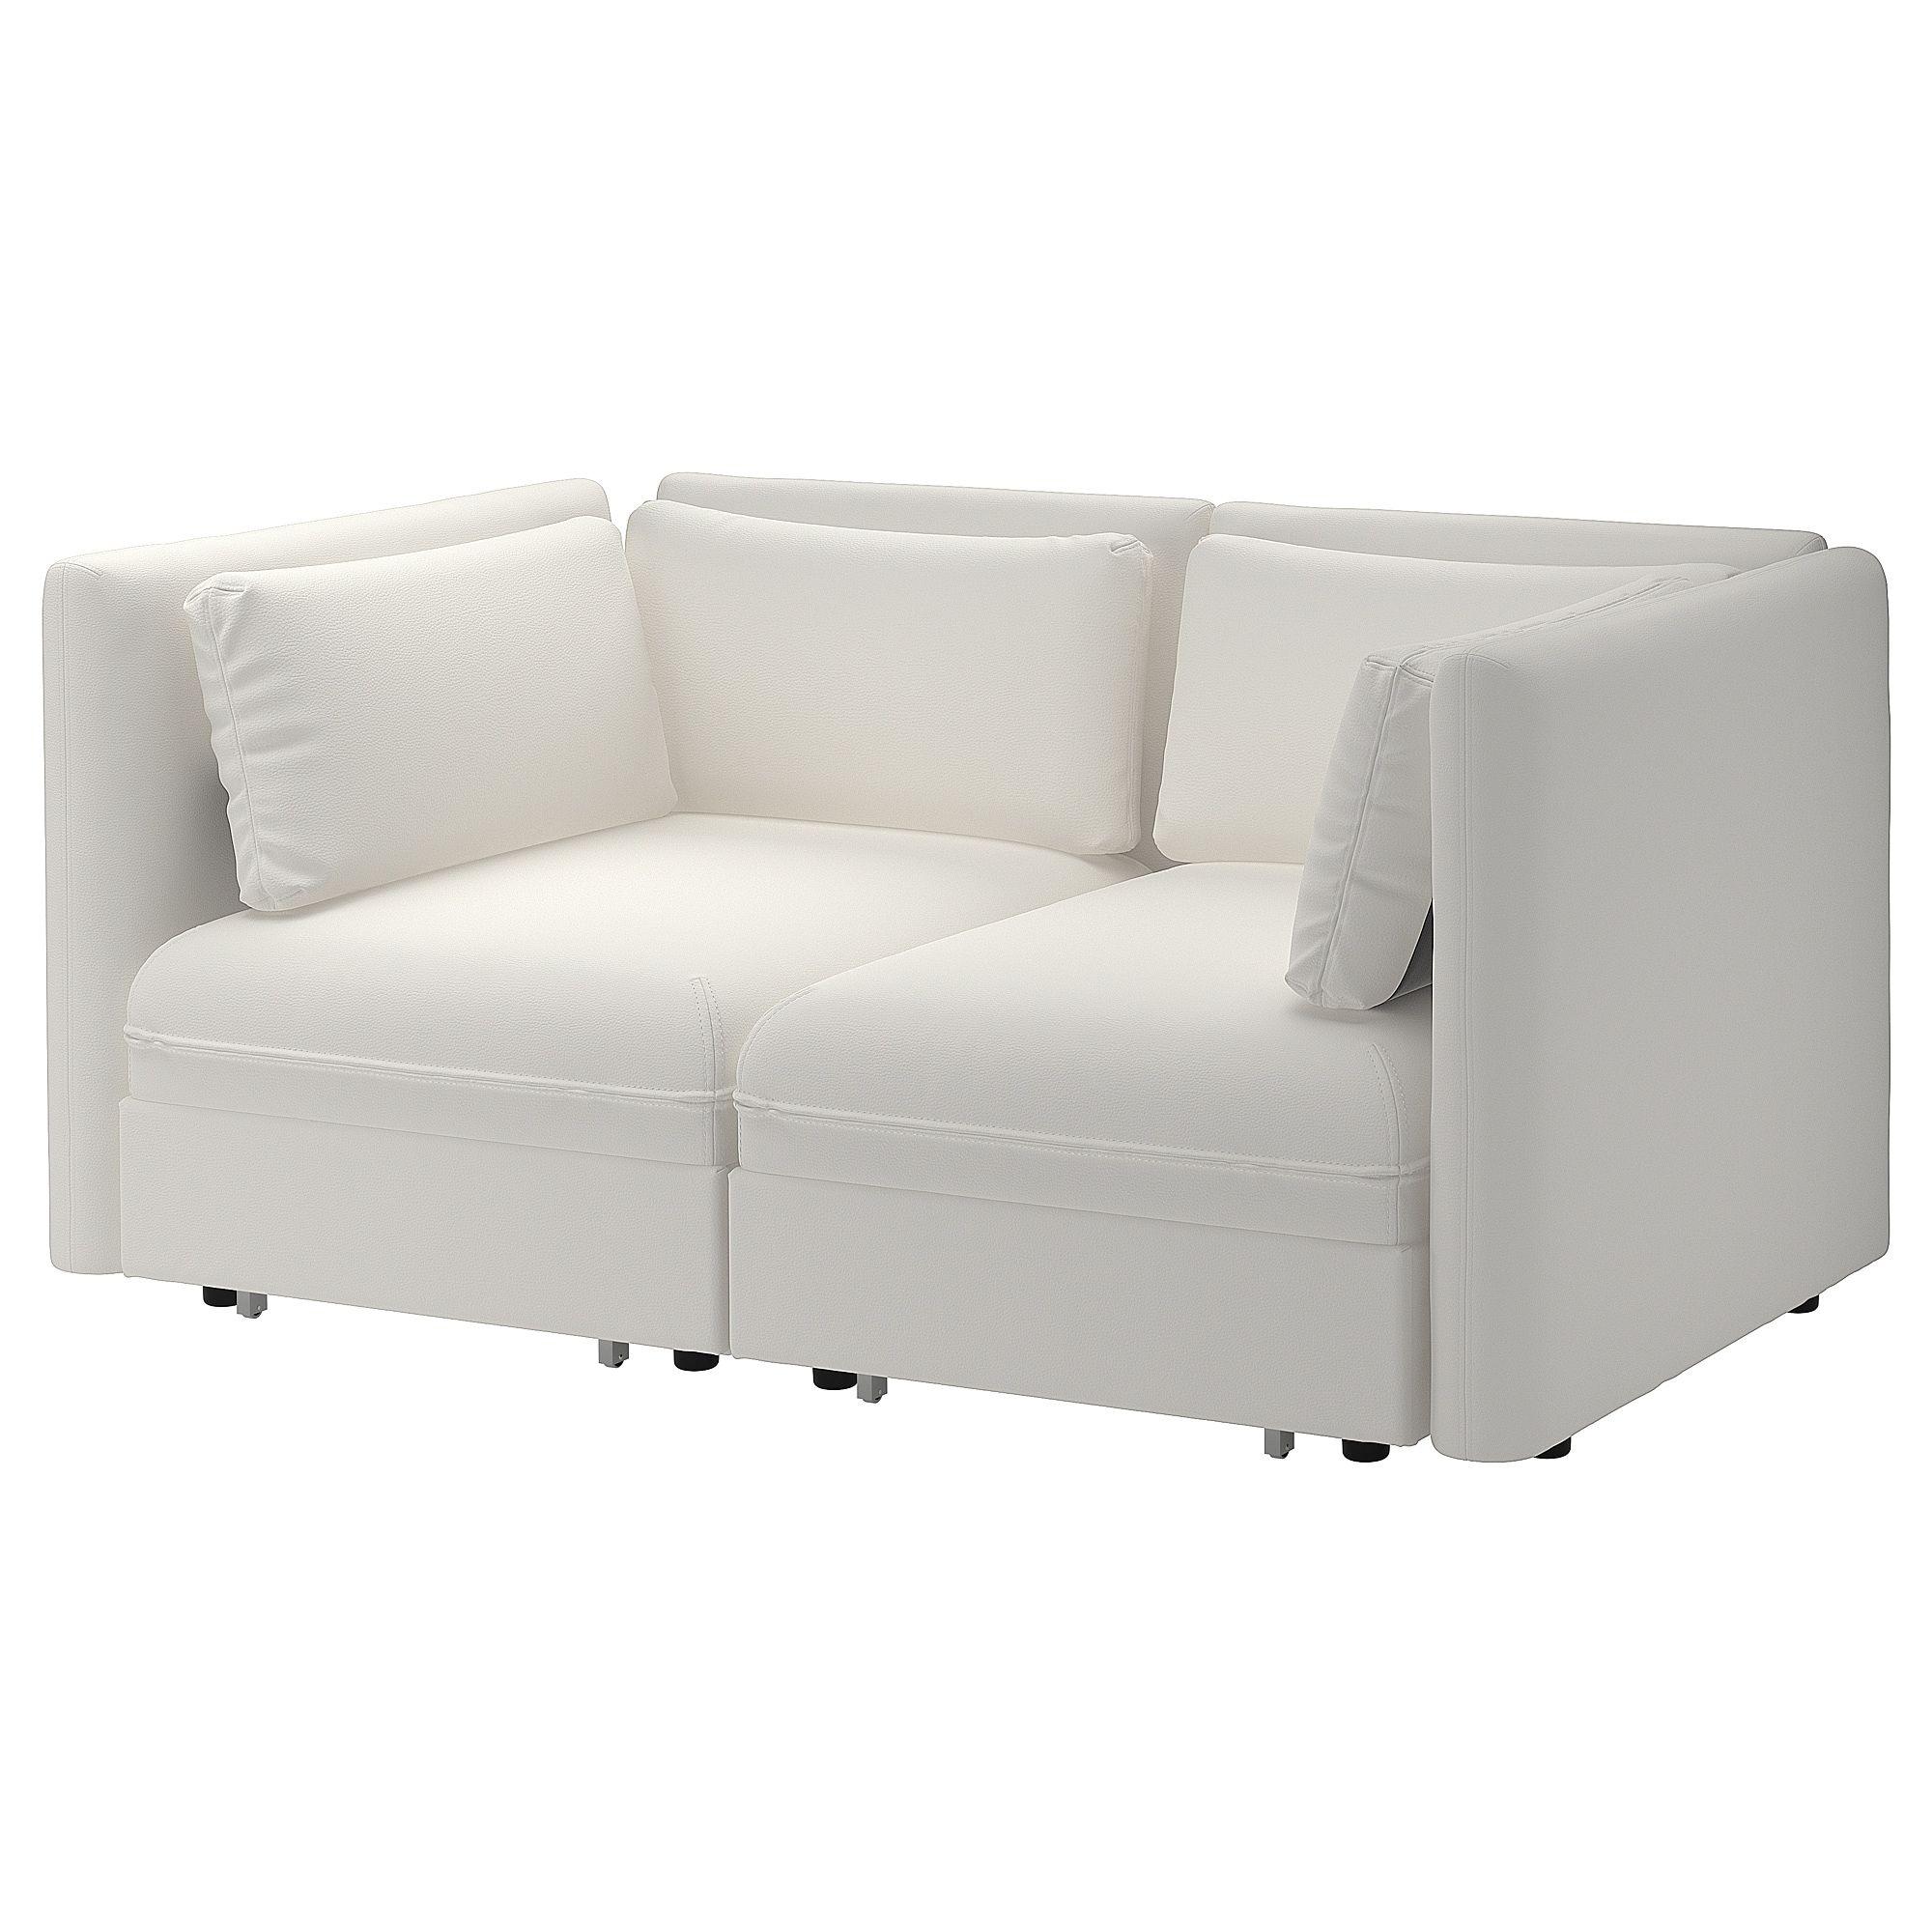 Vallentuna Mod Sofa 2 Seat W 2 Slpr Sections White Find It Here